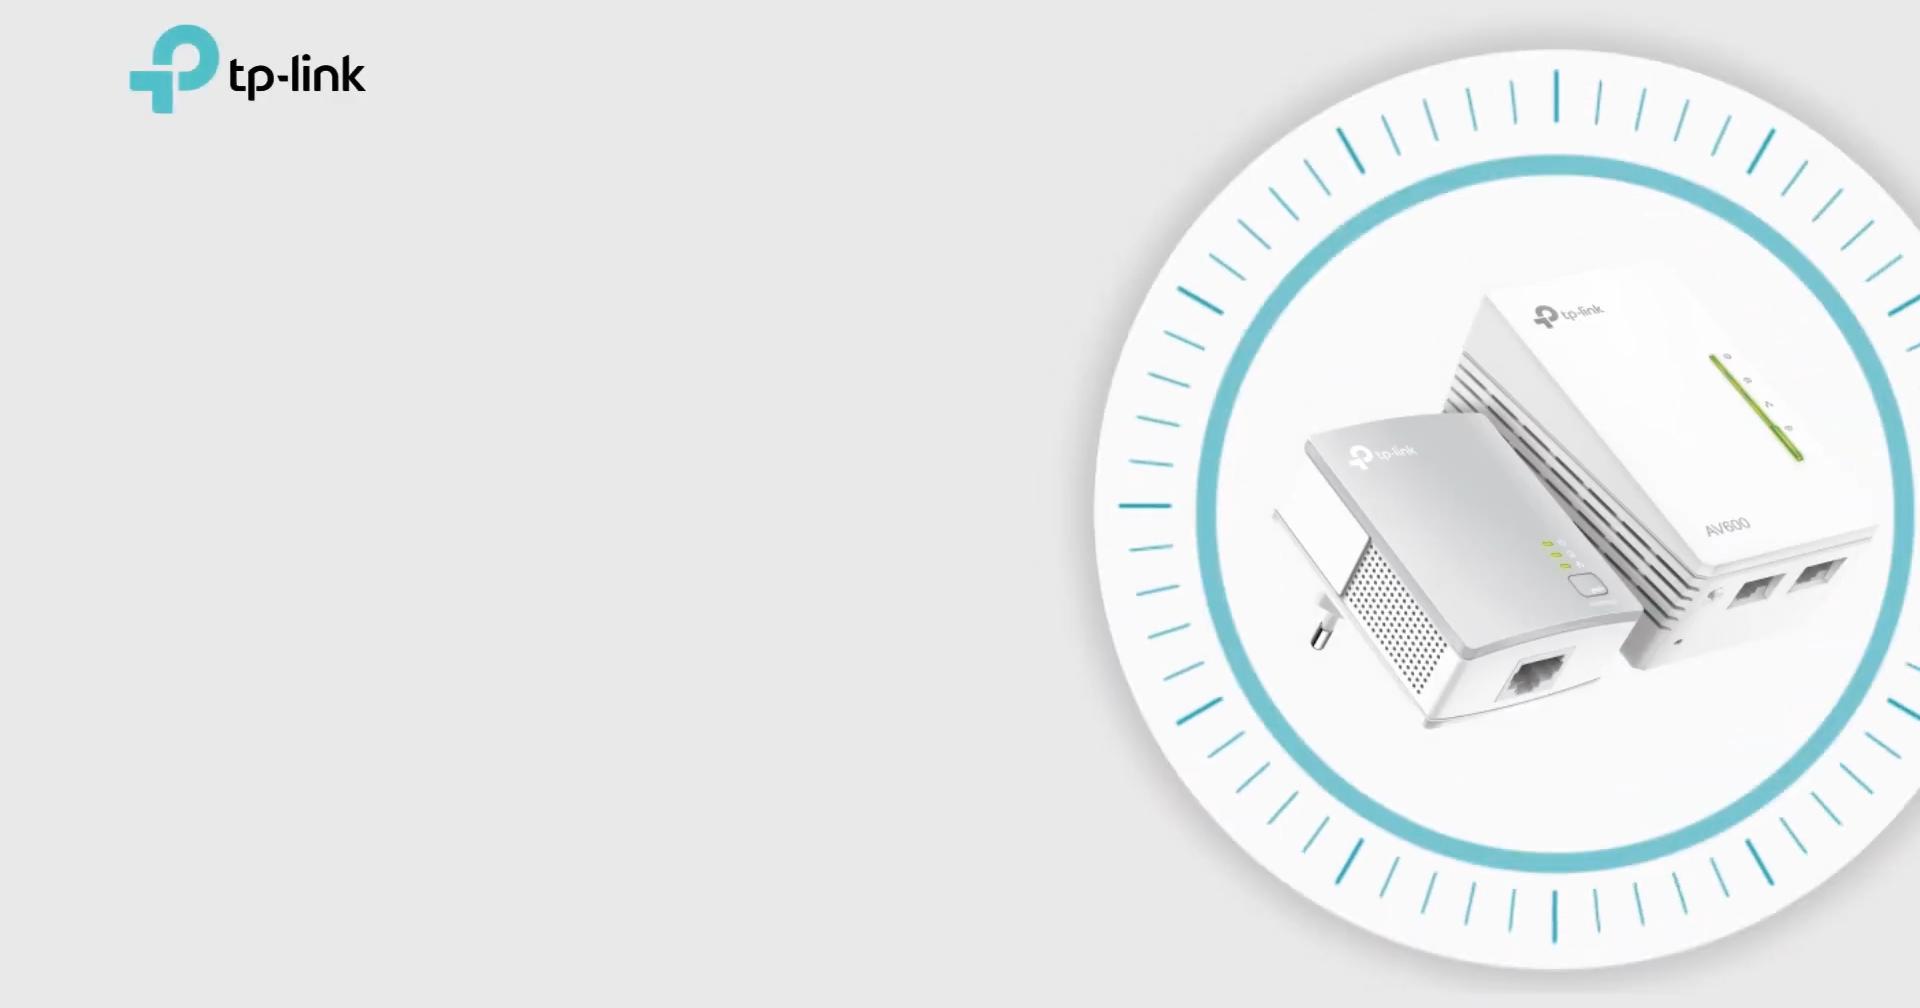 TP-Link AV600 – Melhore a cobertura de rede em sua casa com o kit powerline AV600 da TP-Link